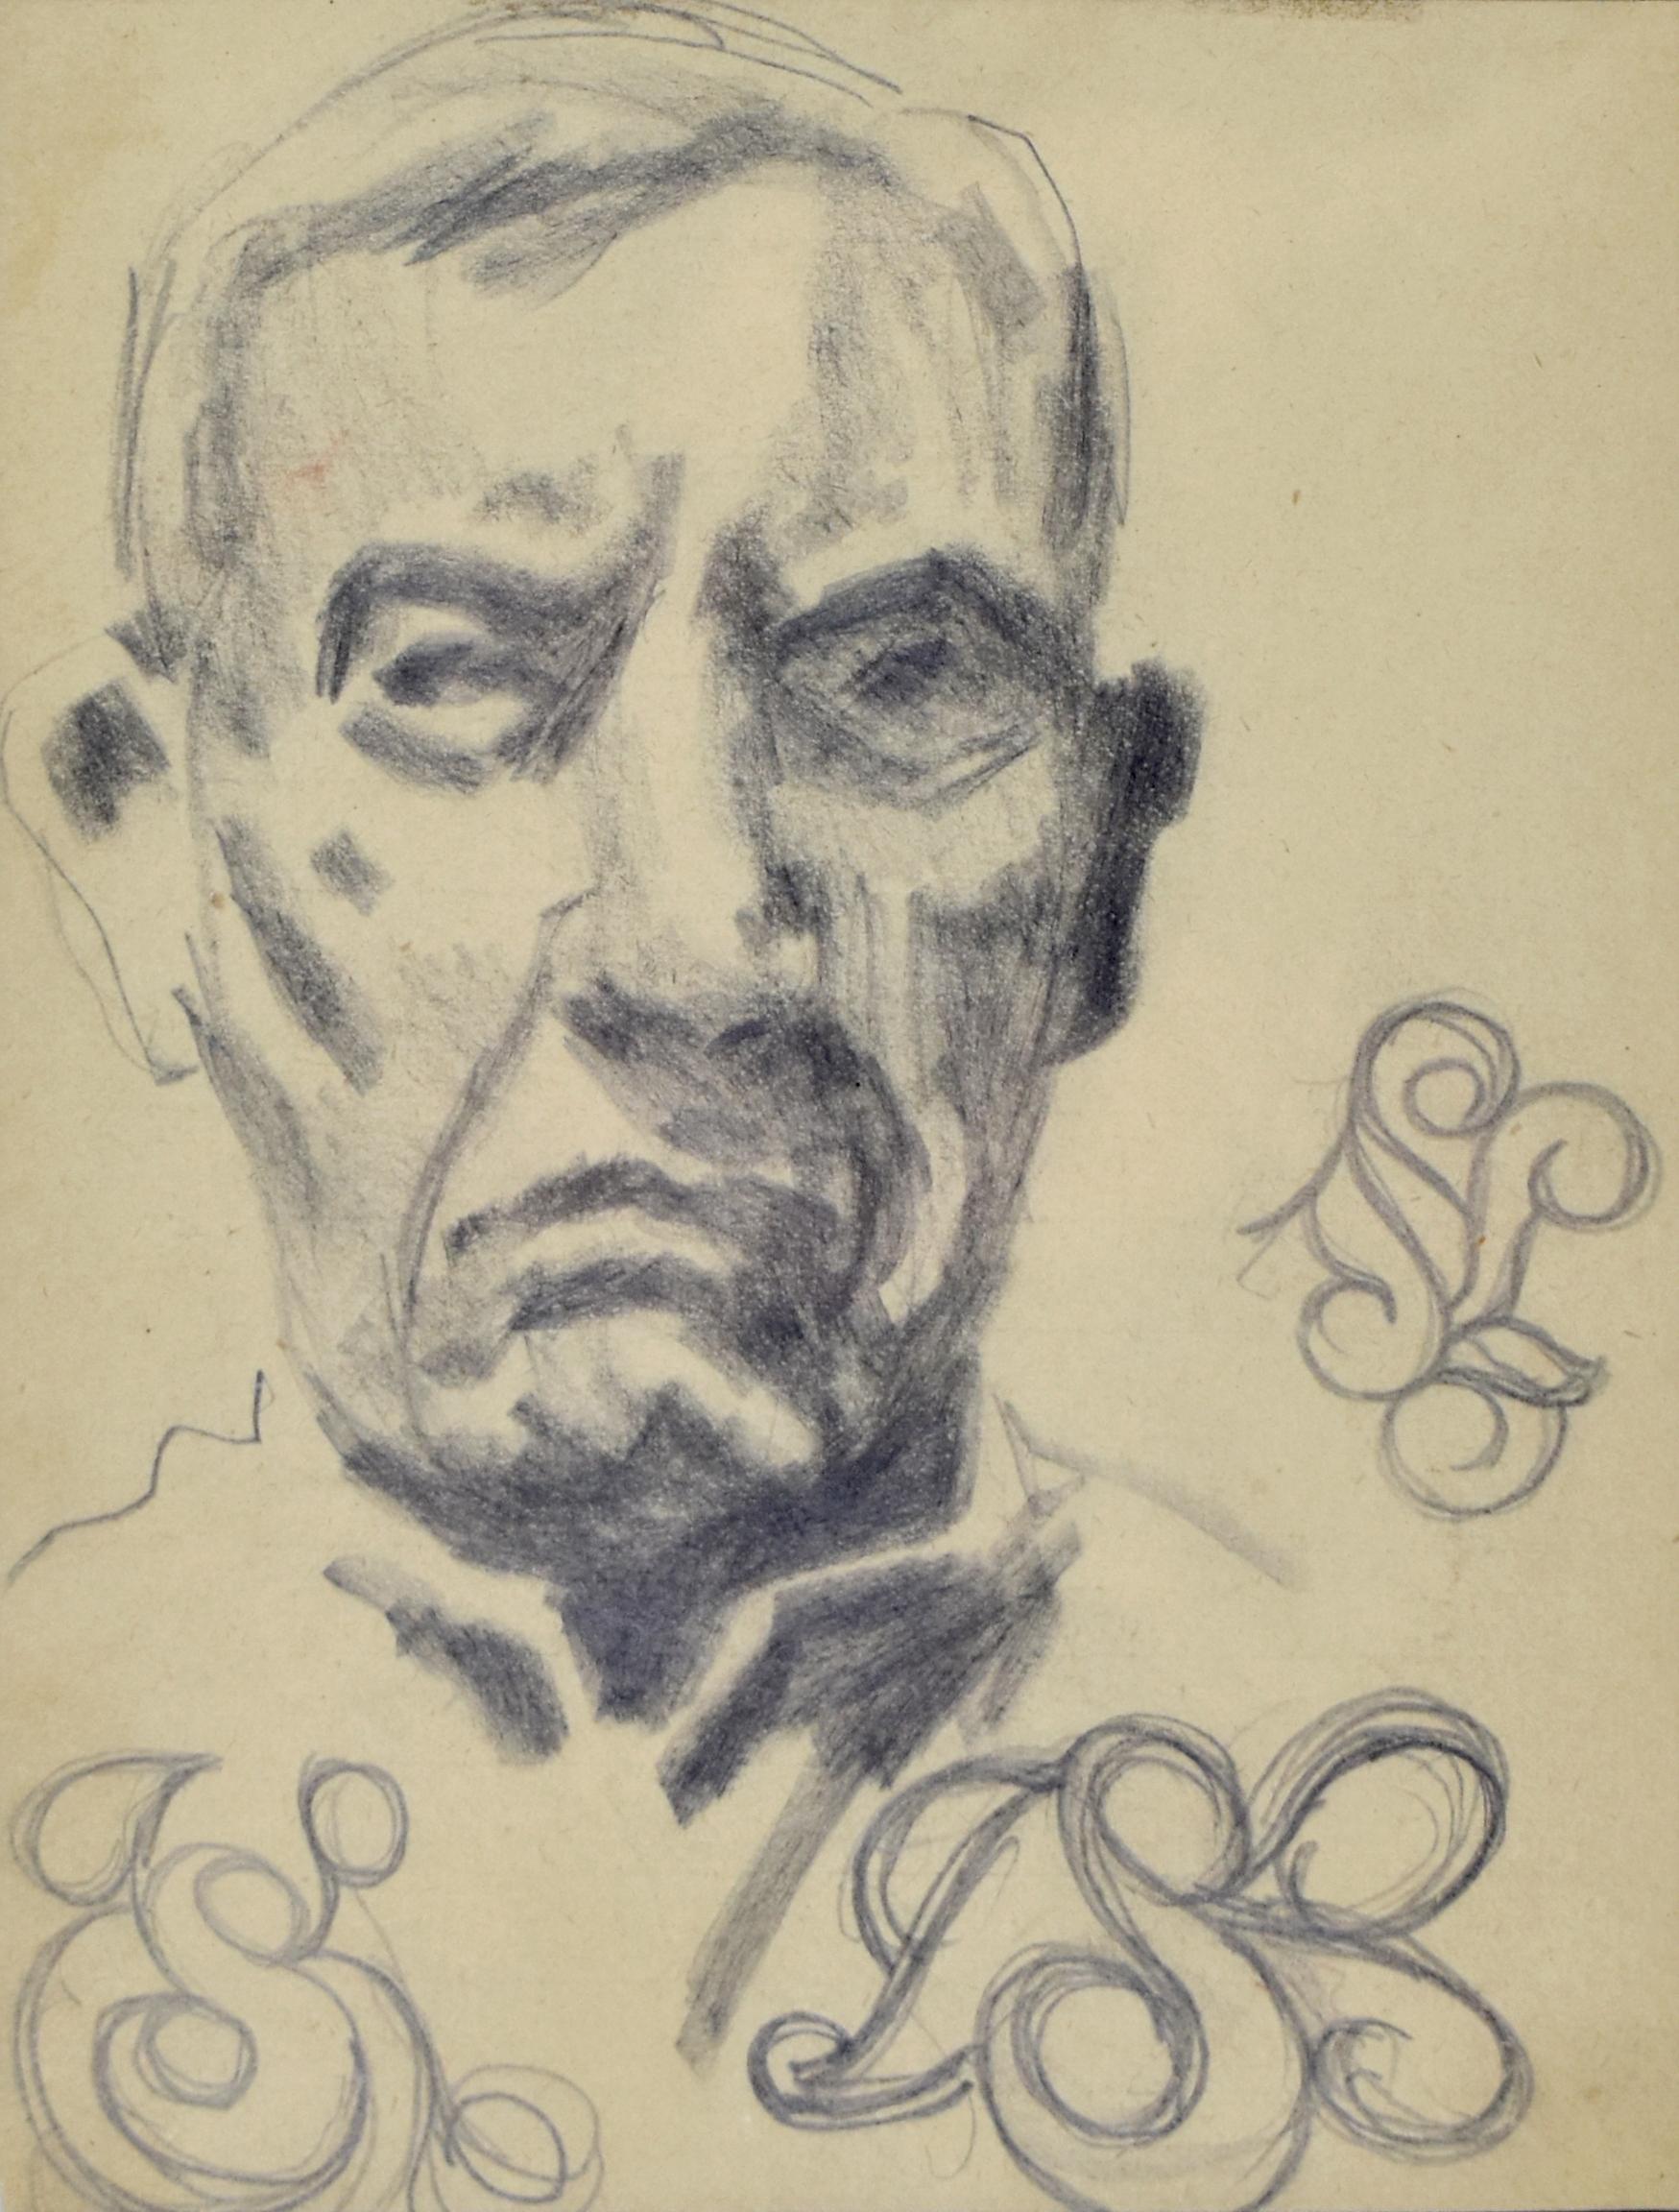 Autoportret ze szkicami monogramu SK